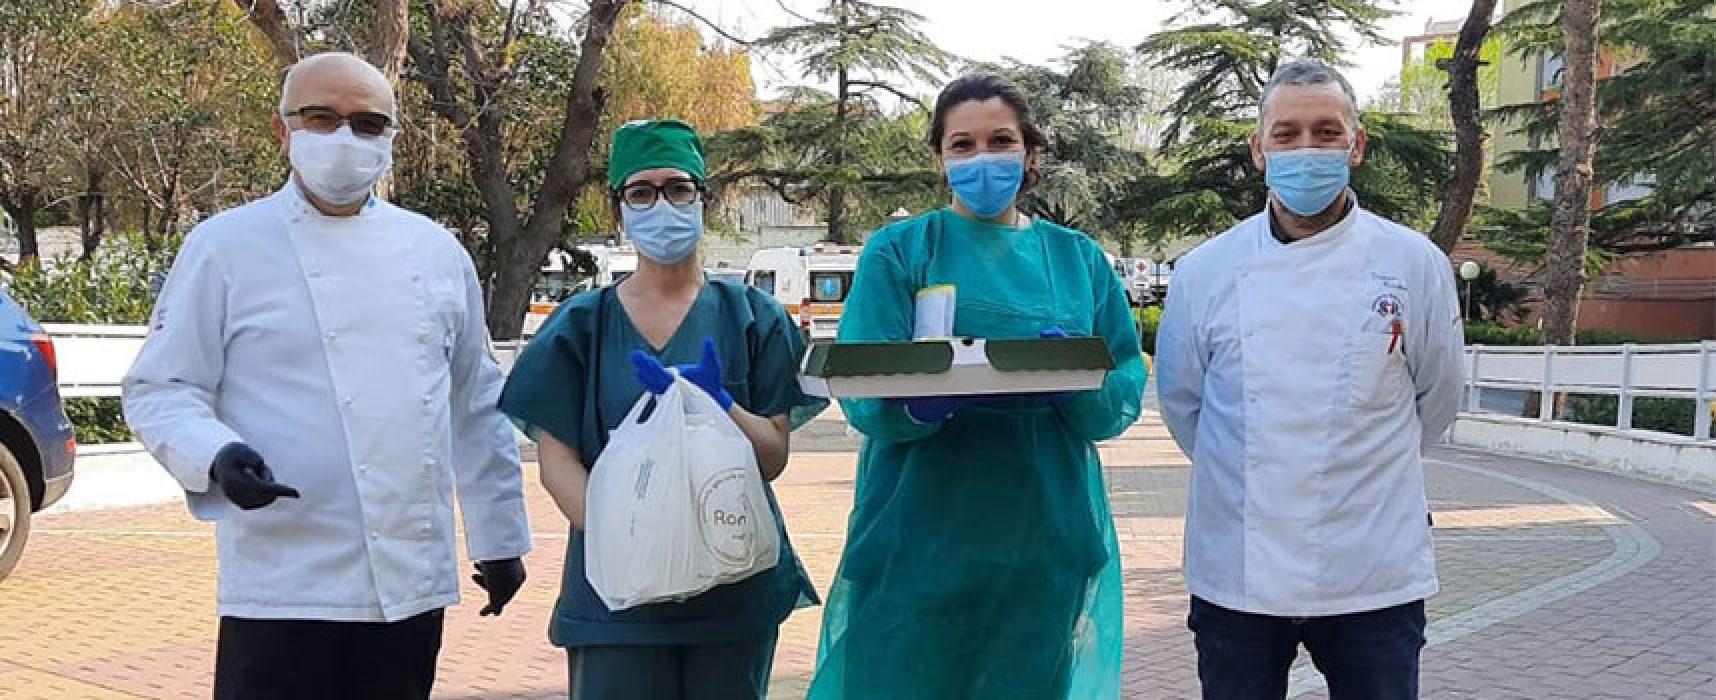 Associazione cuochi e pasticceri Bat offre colazioni a operatori ospedale Bisceglie / FOTO